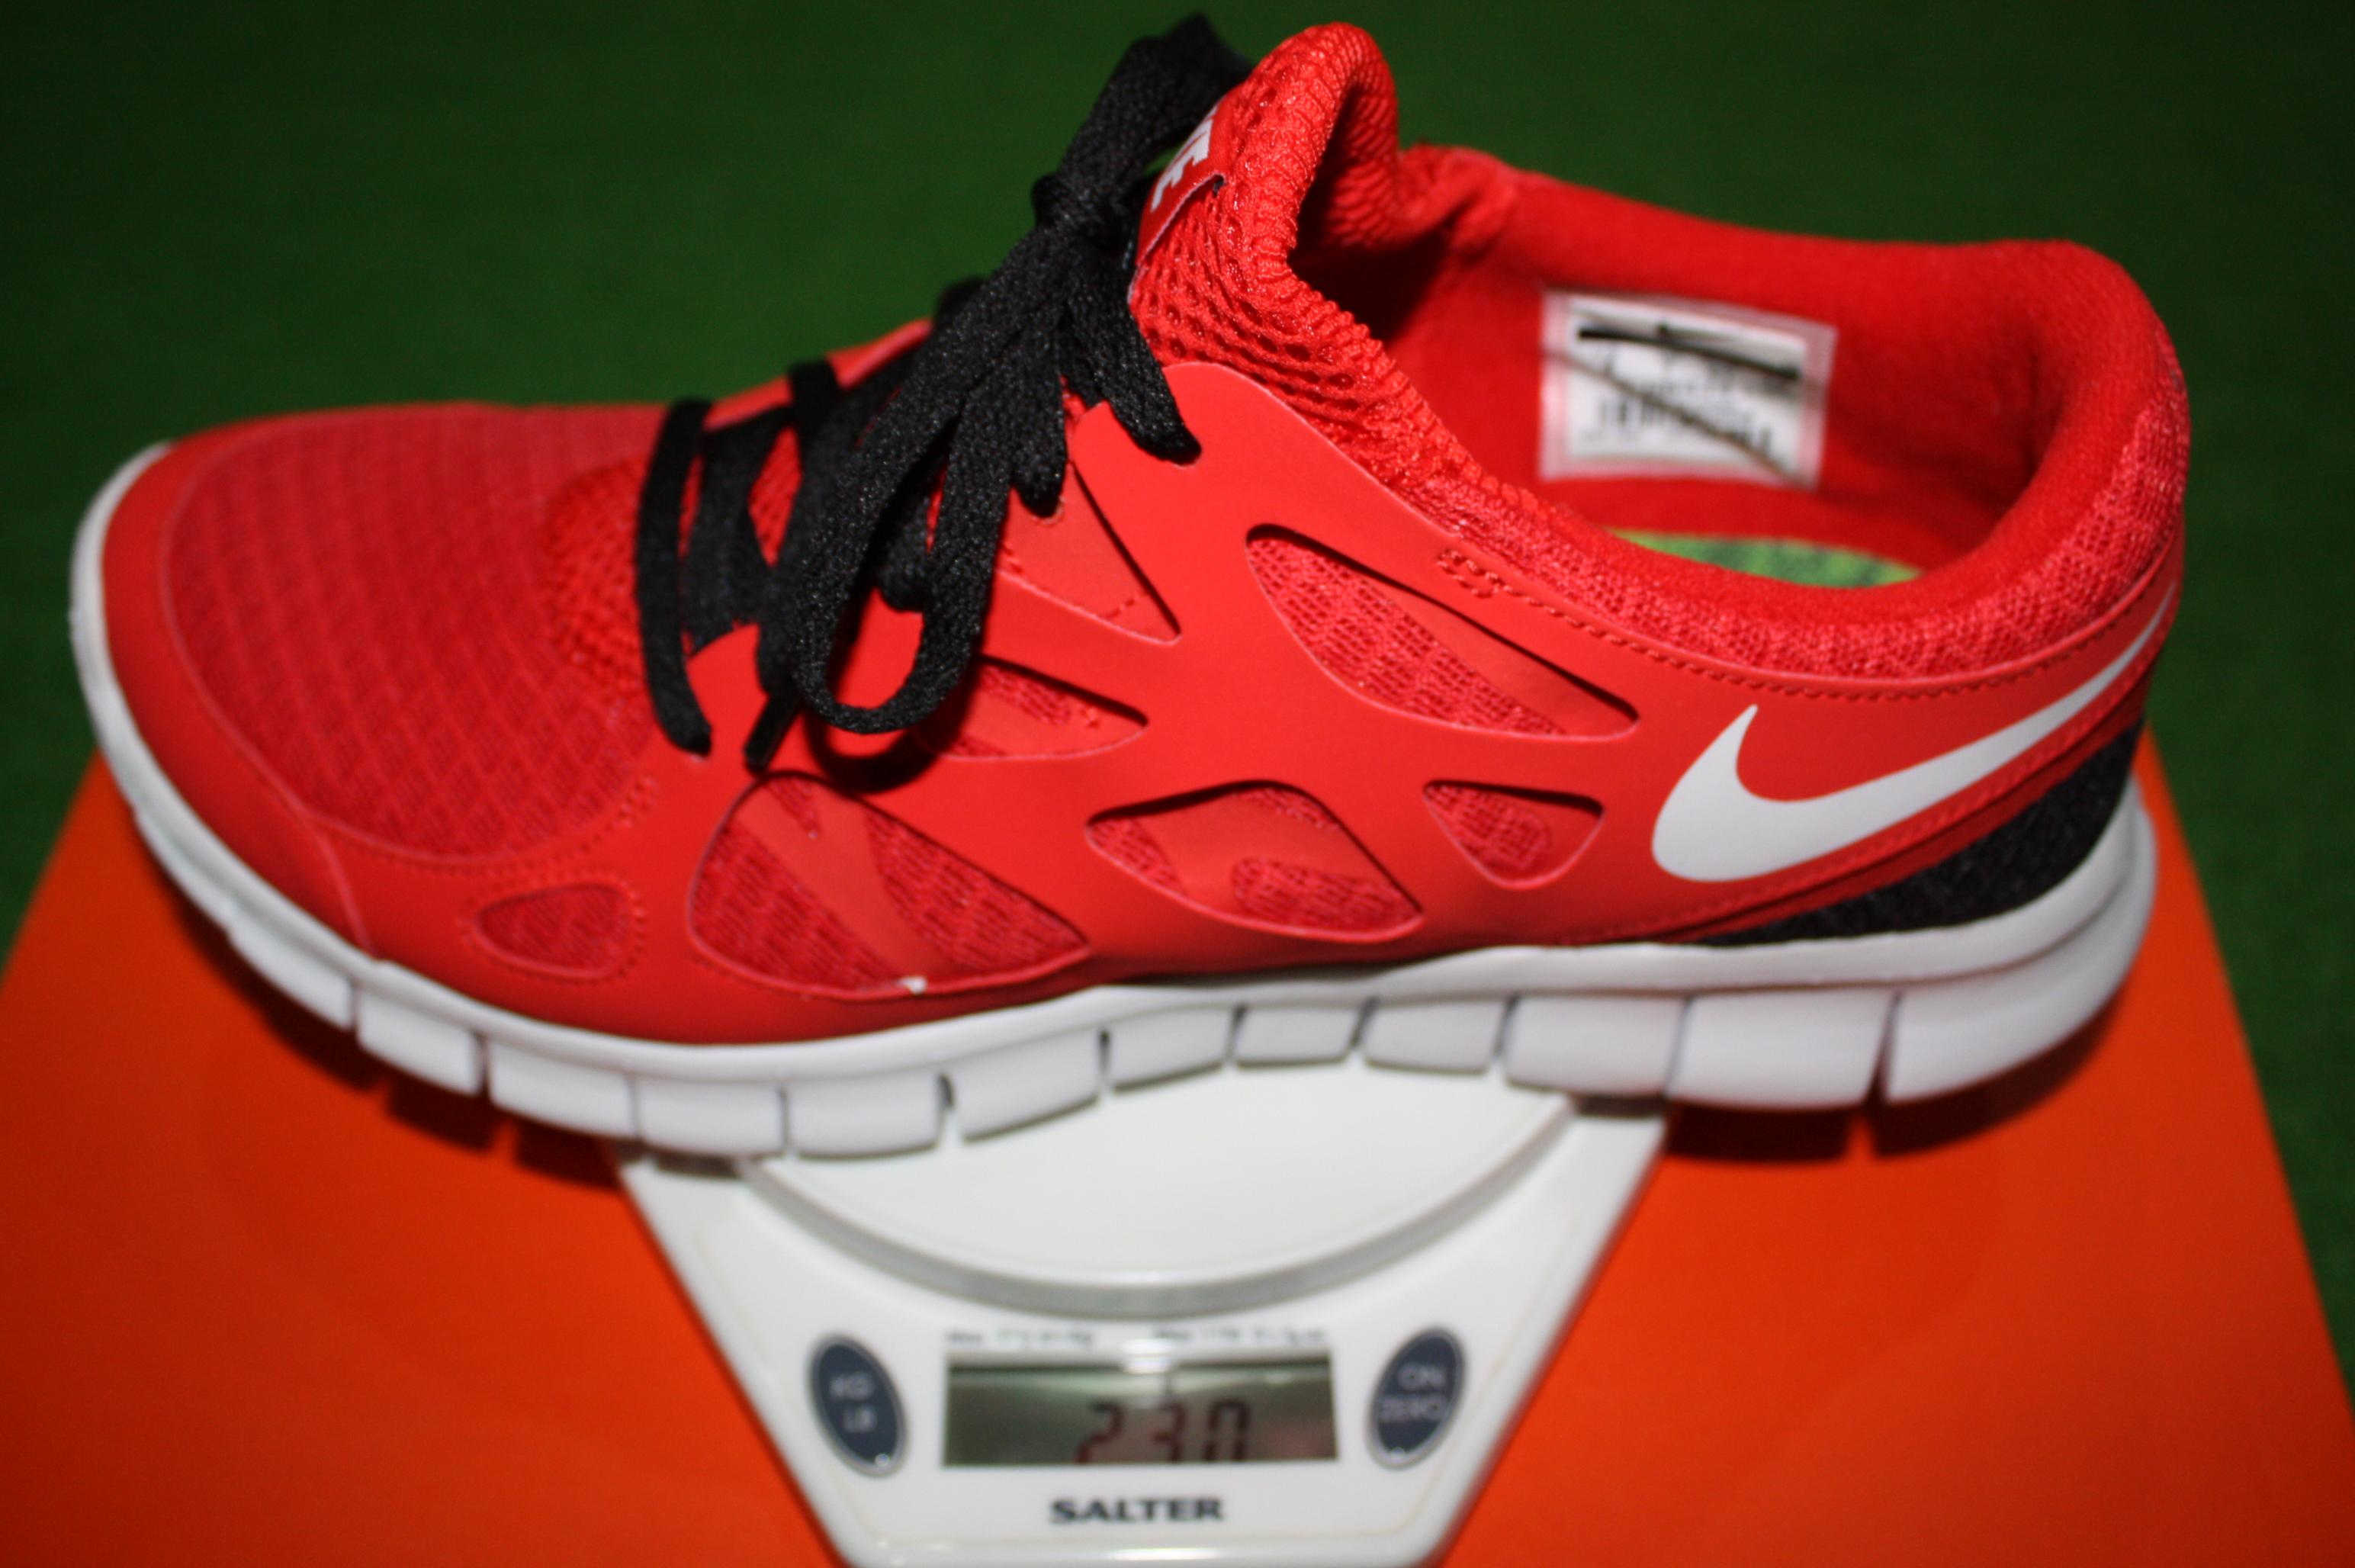 Shoe Review: Nike Free Run+ 2 | TRG